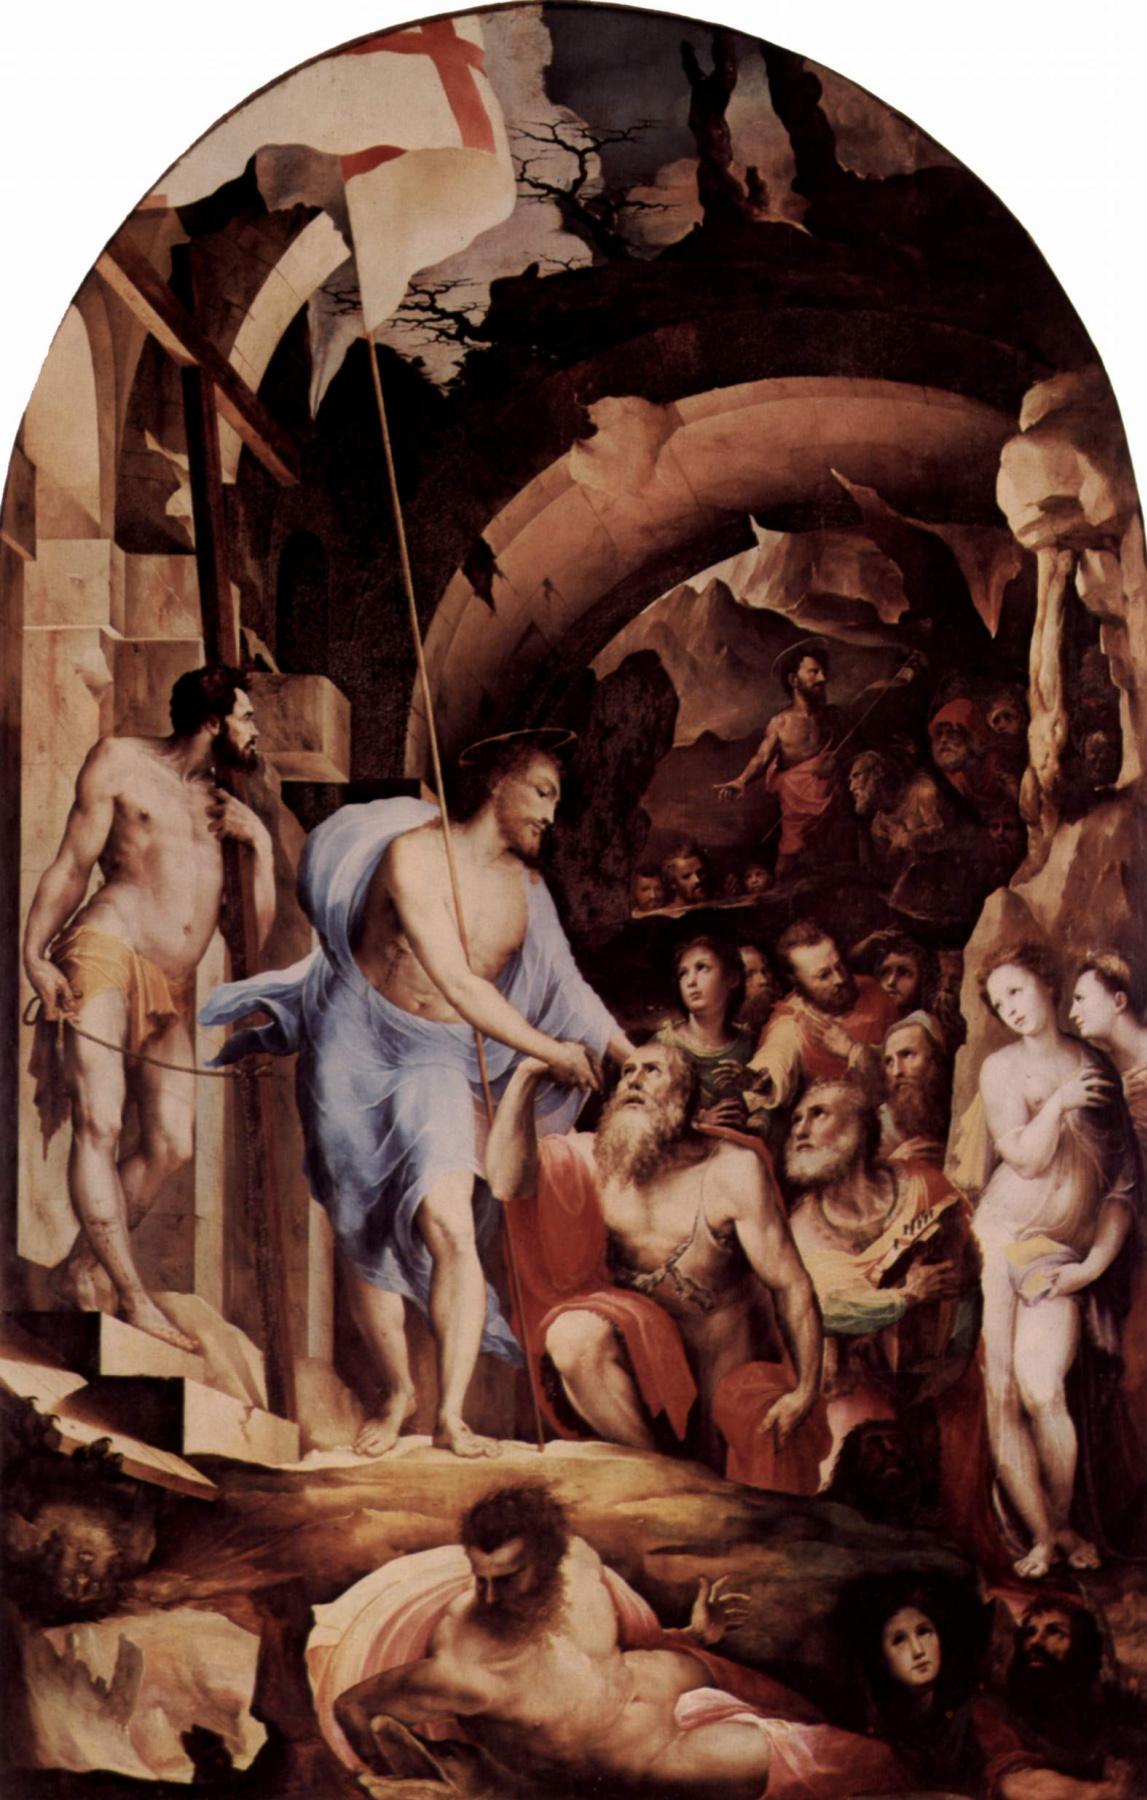 Domenico Beccafumi. The descent into hell